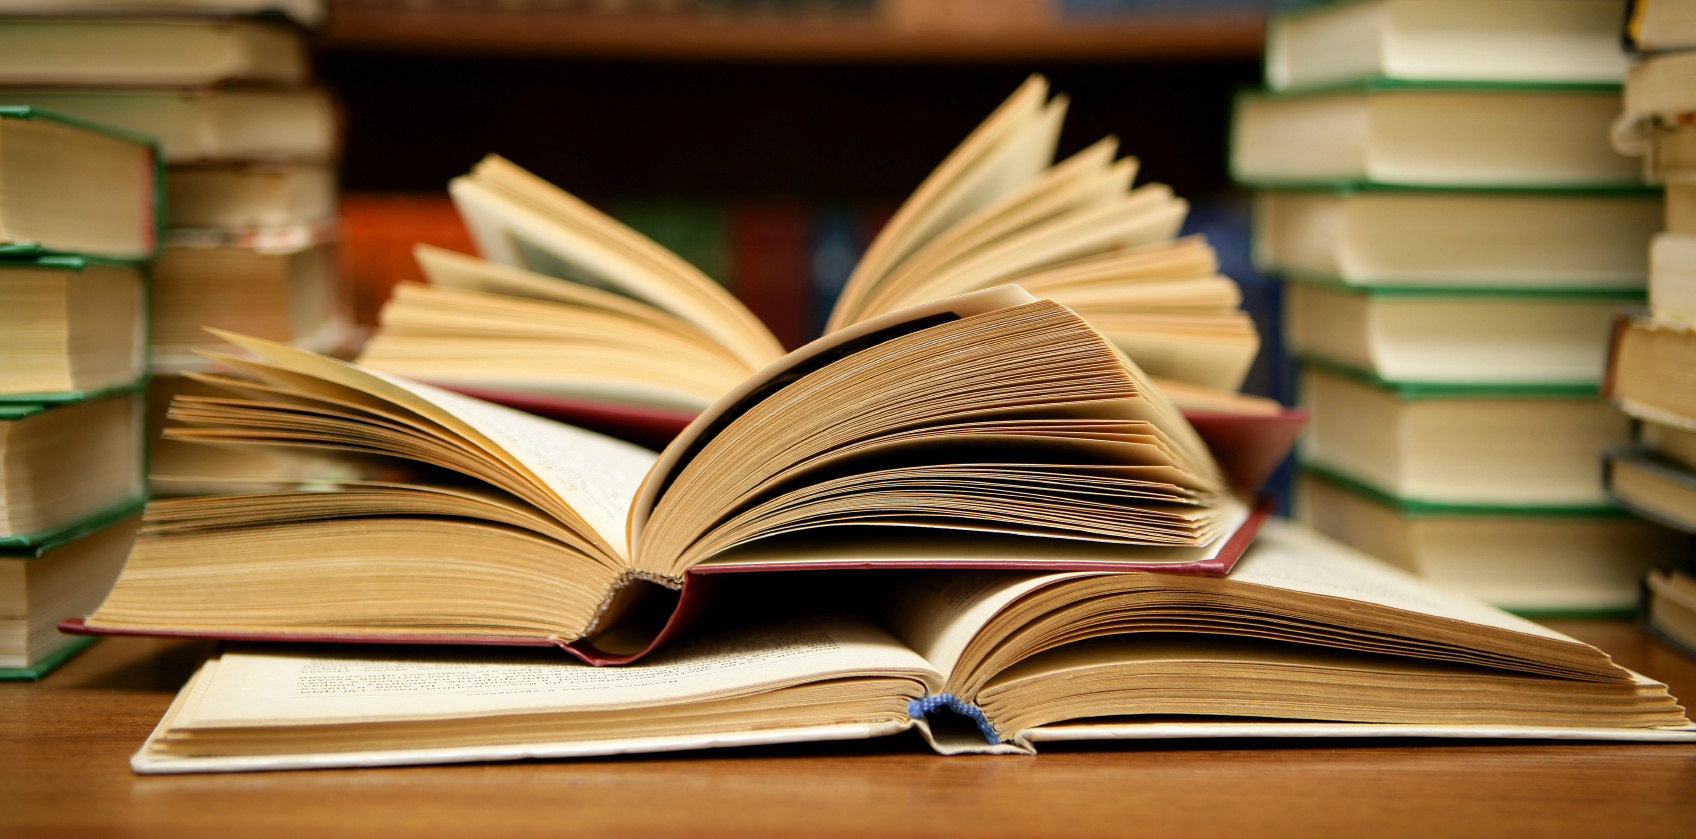 Risultati immagini per bambina legge libri